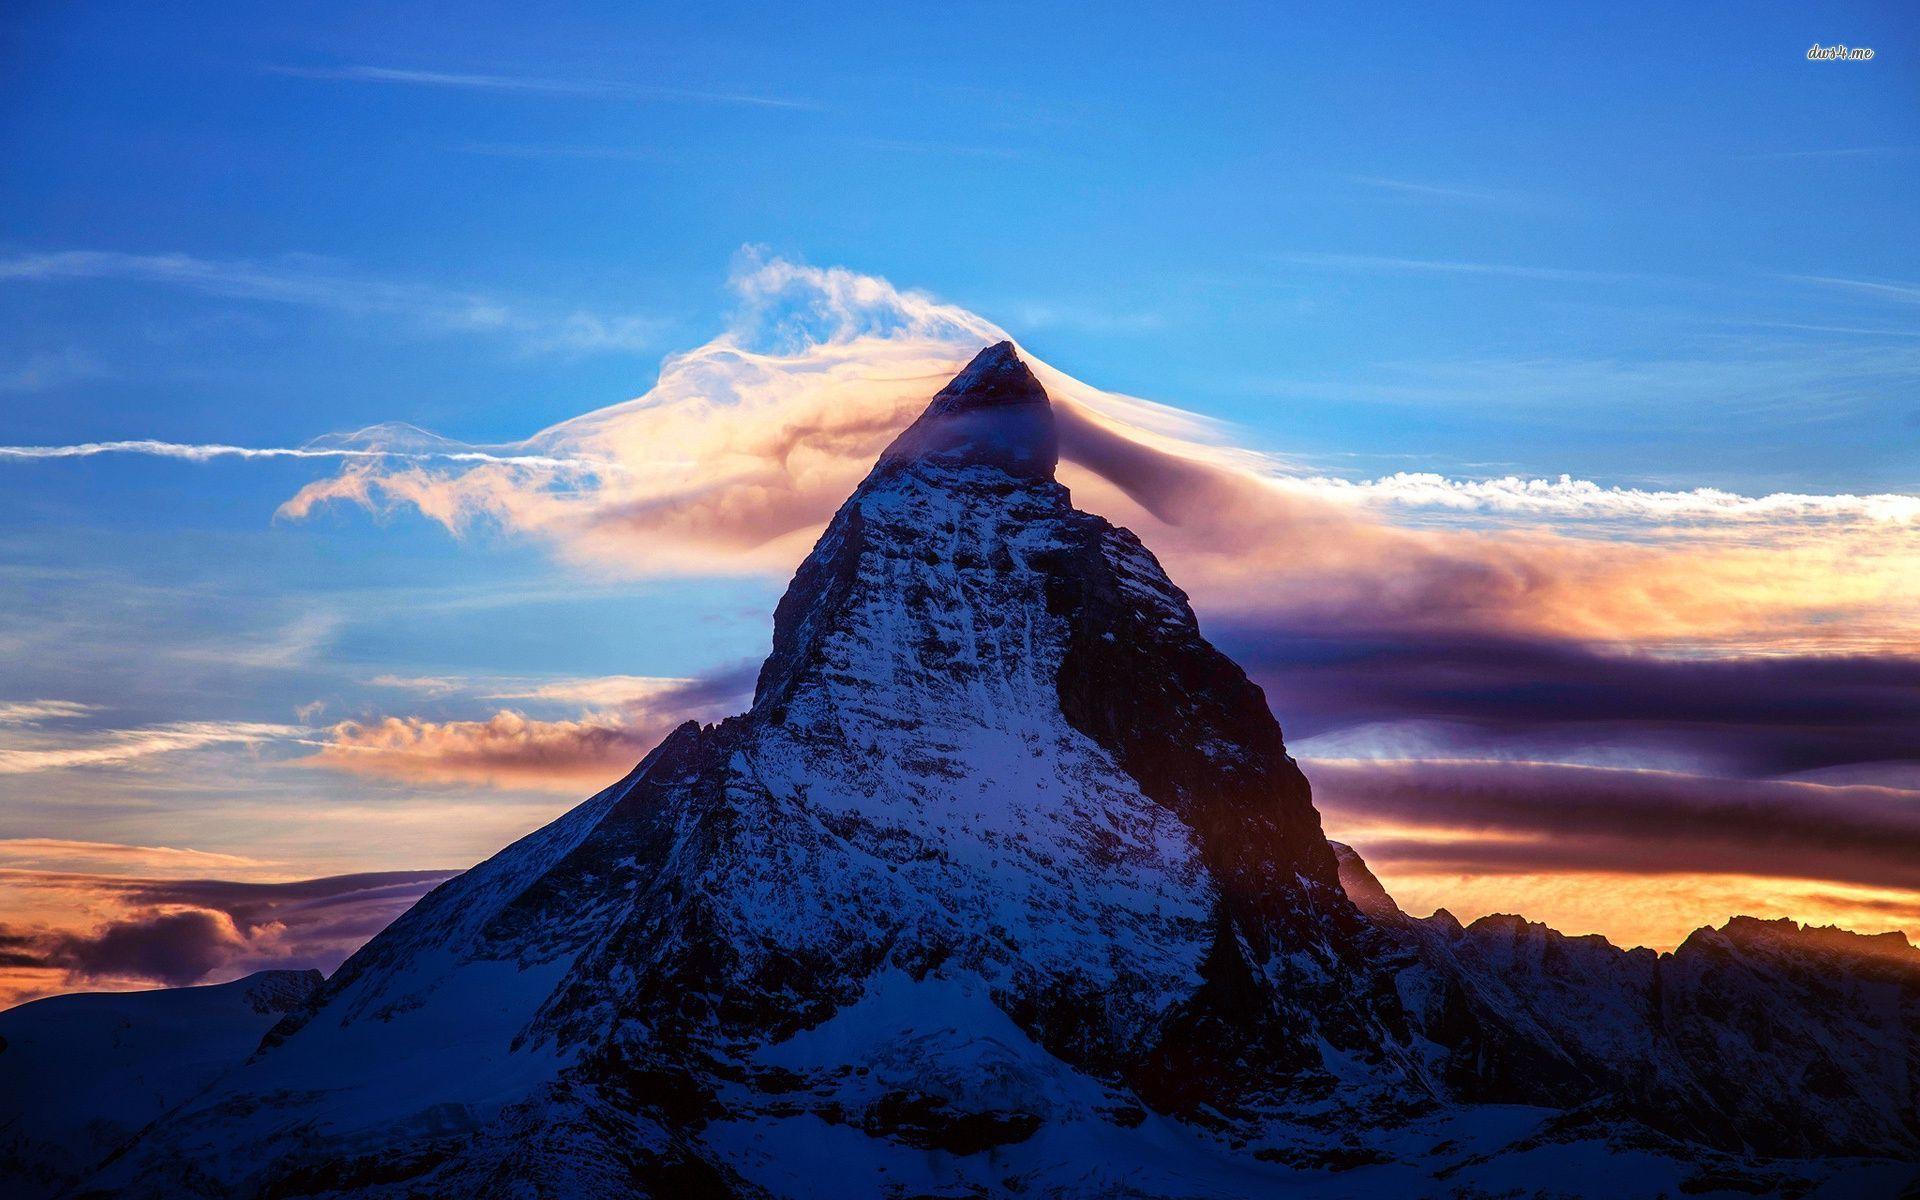 Matterhorn Hd Wallpapers Schweiz Berge Naturbilder Zermatt